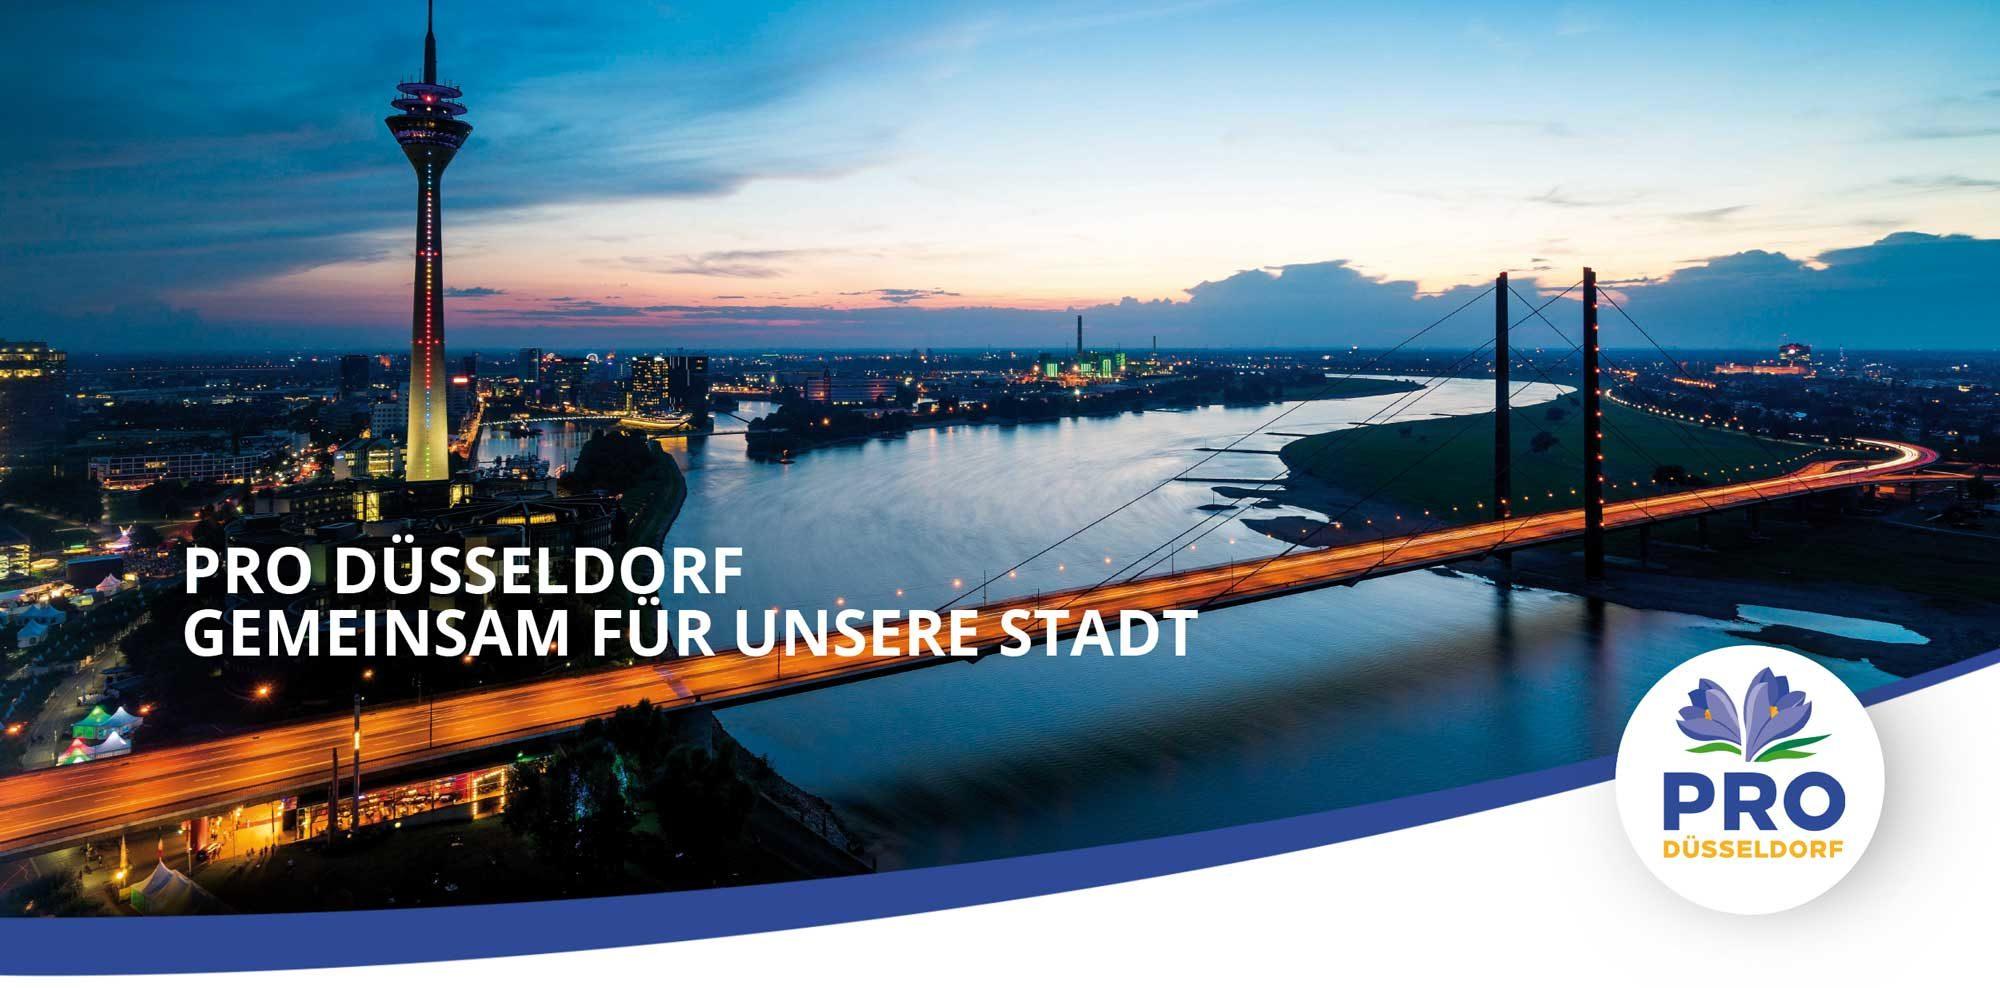 Gemeinsam für unsere Stadt Düsseldorf